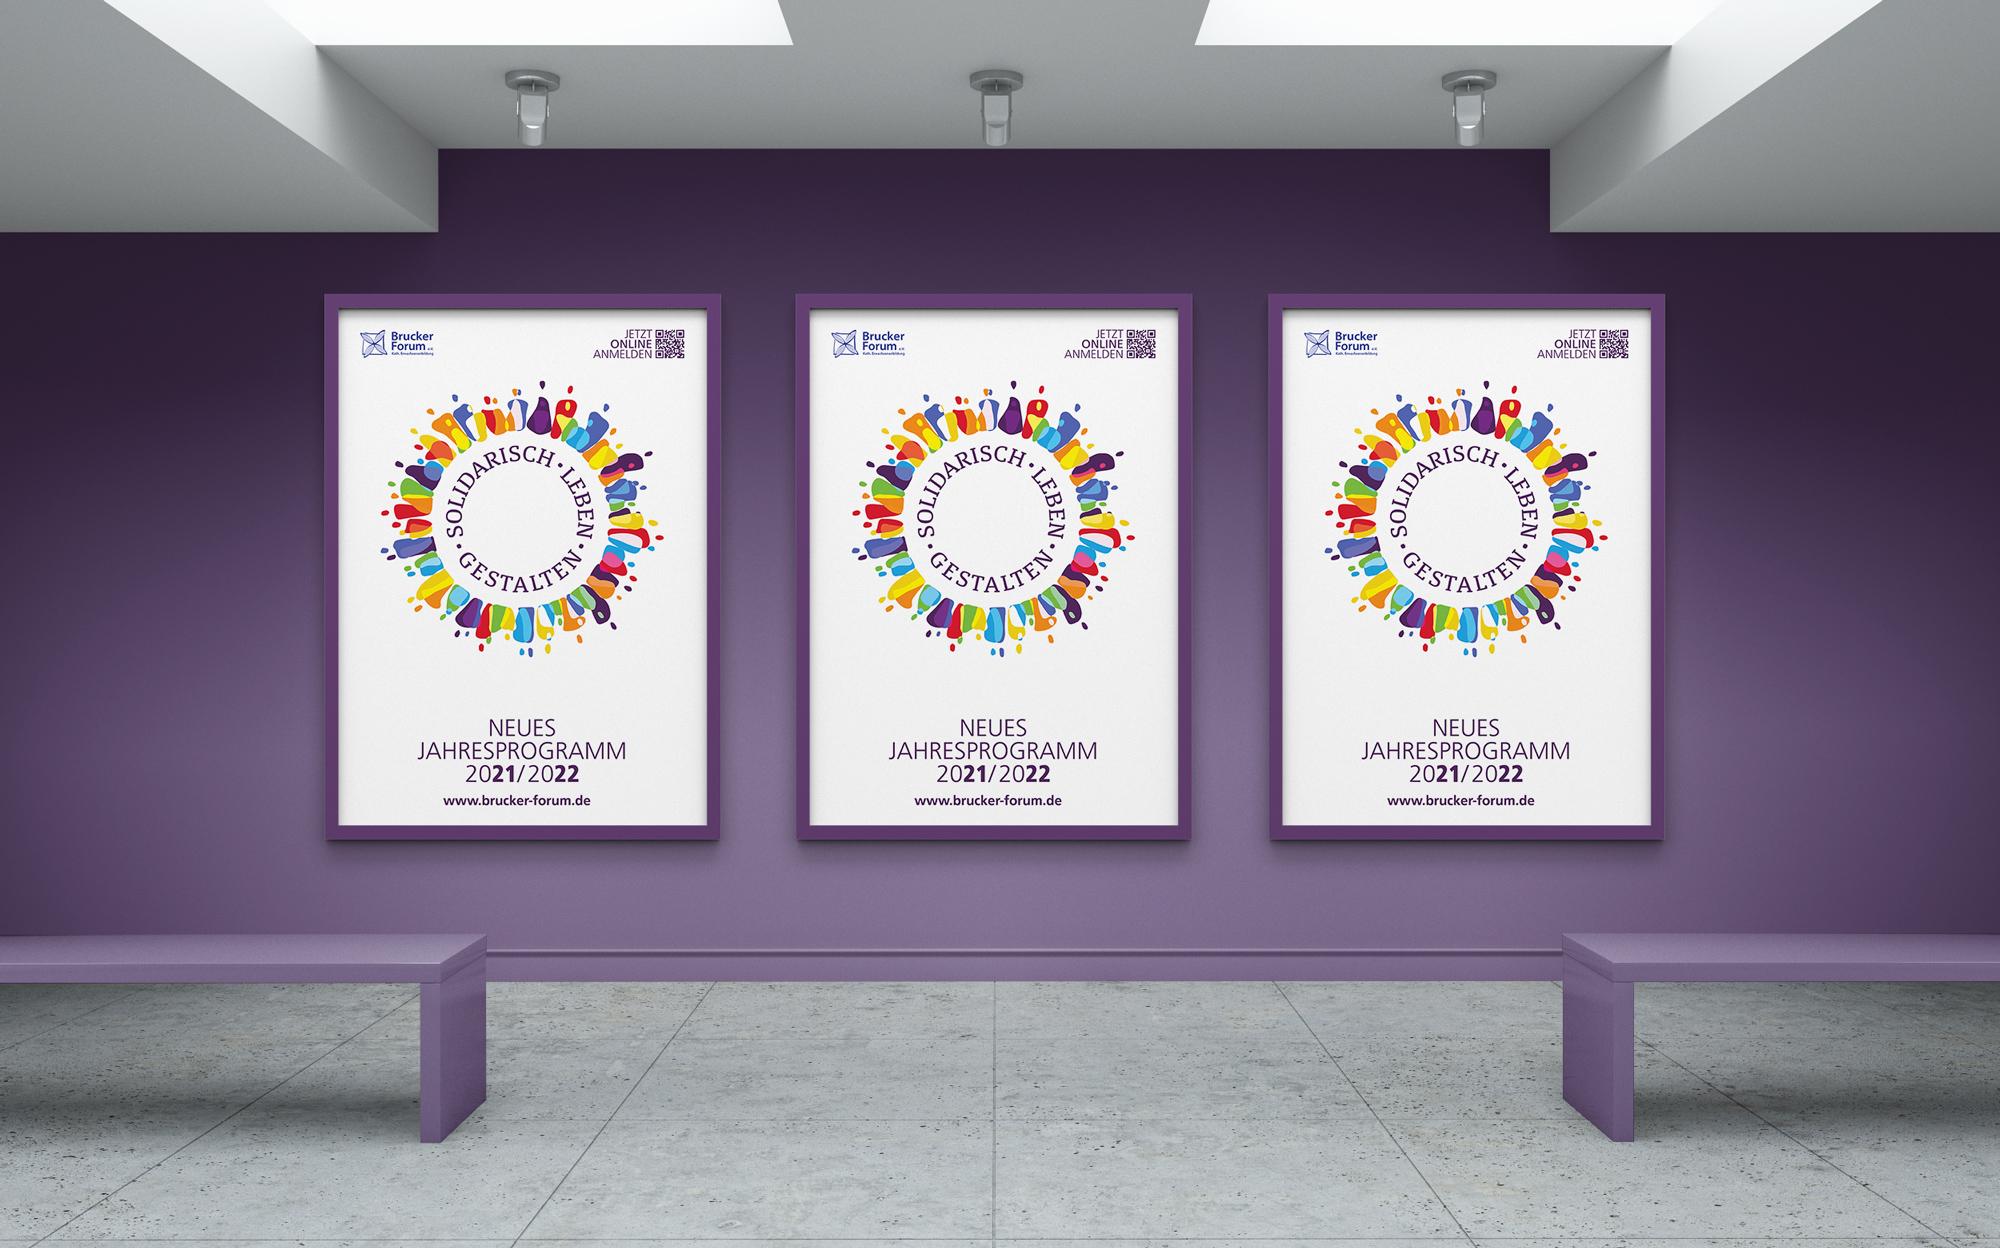 Ran Keren - Jahresplakate Brucker Forum e.V. 2021 2022